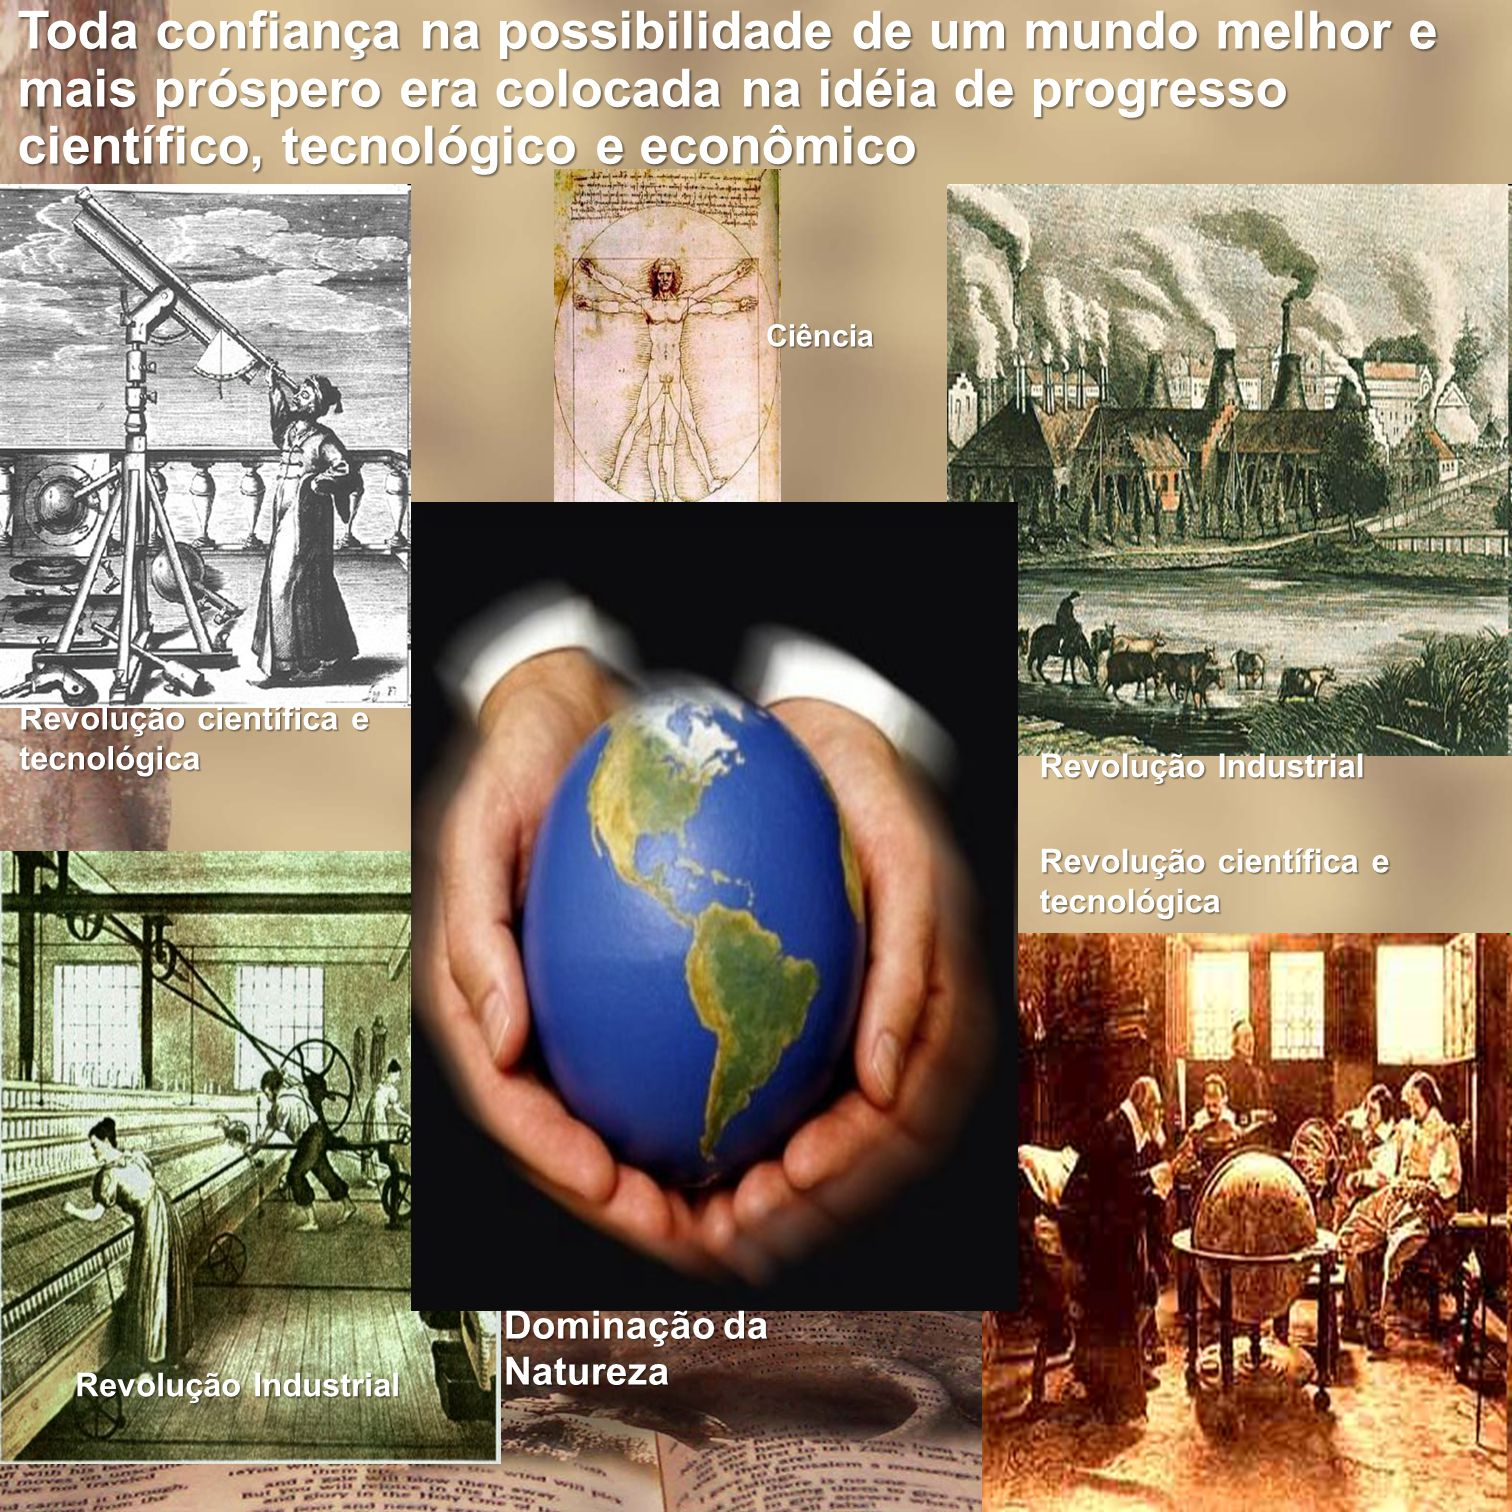 A Liberdade e a Razão também foram idolatradas A Liberdade Conduzindo o Povo na Revolução Francesa.